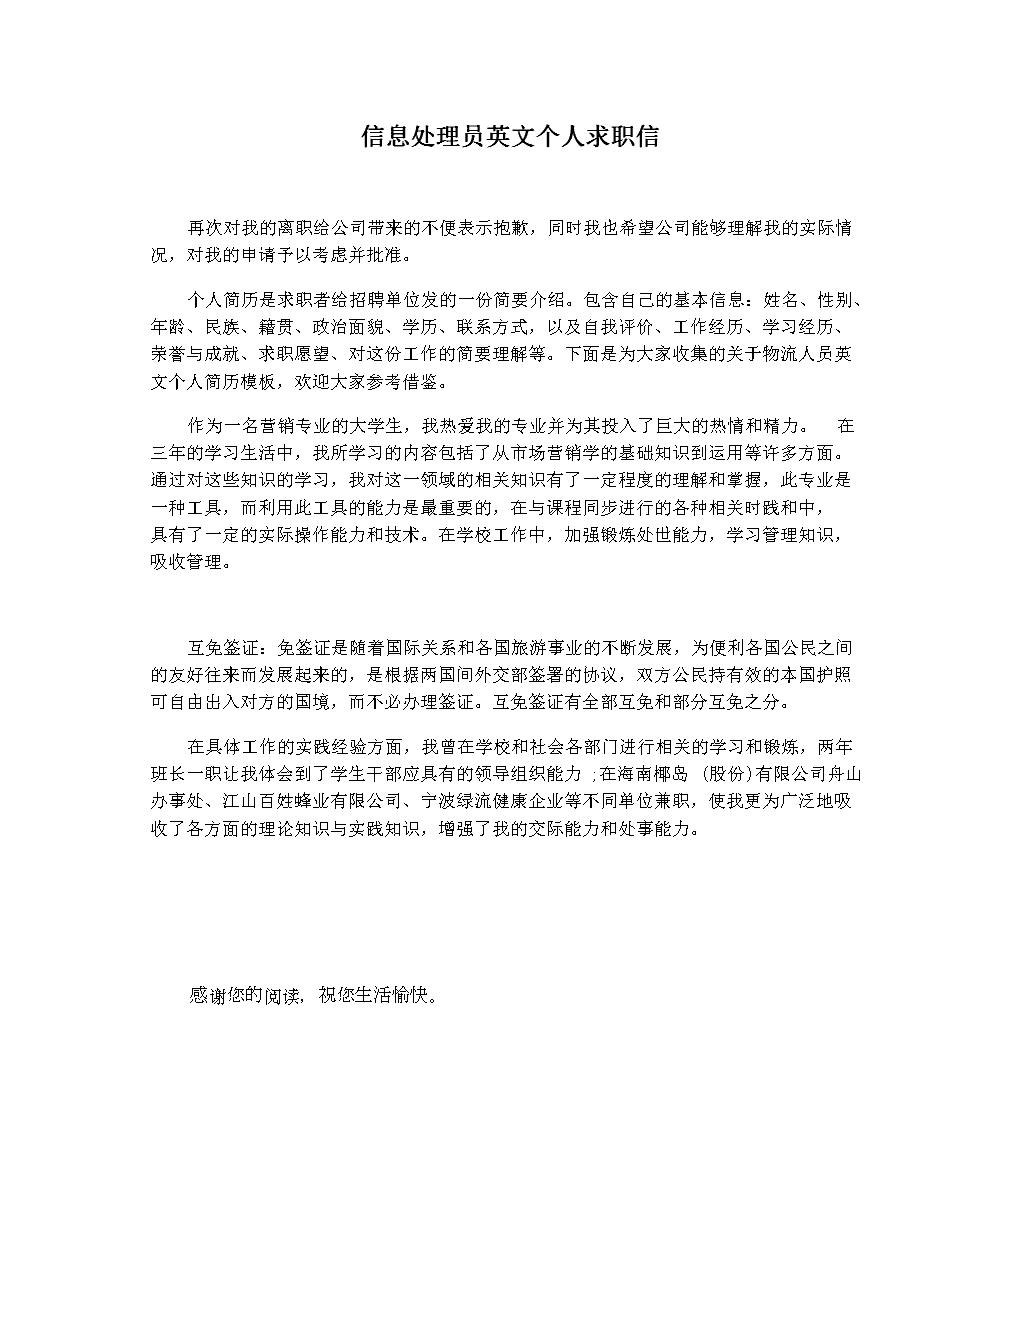 信息处理员英文个人求职信.docx